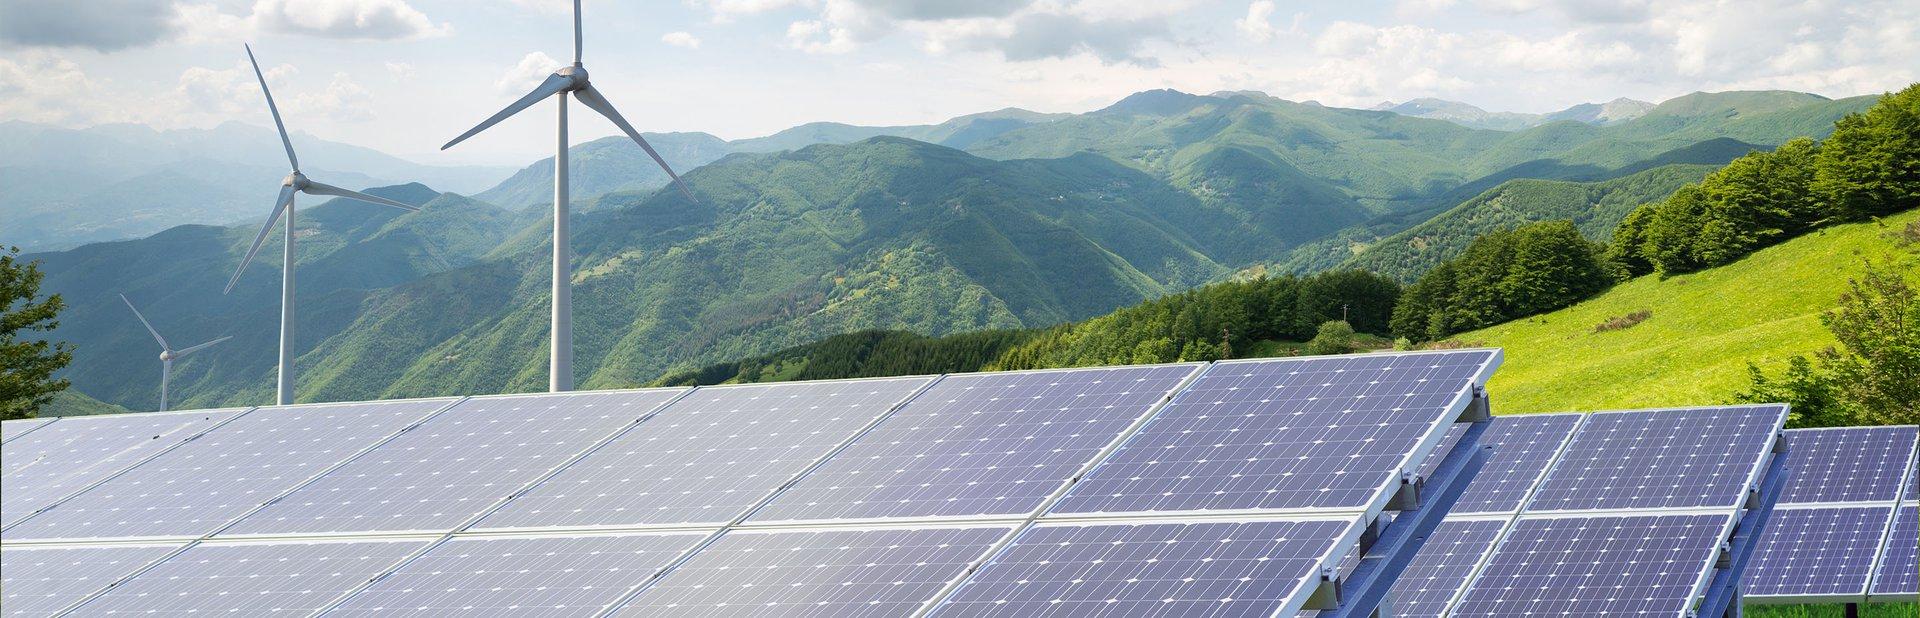 Master Transicion Energetica Renovable